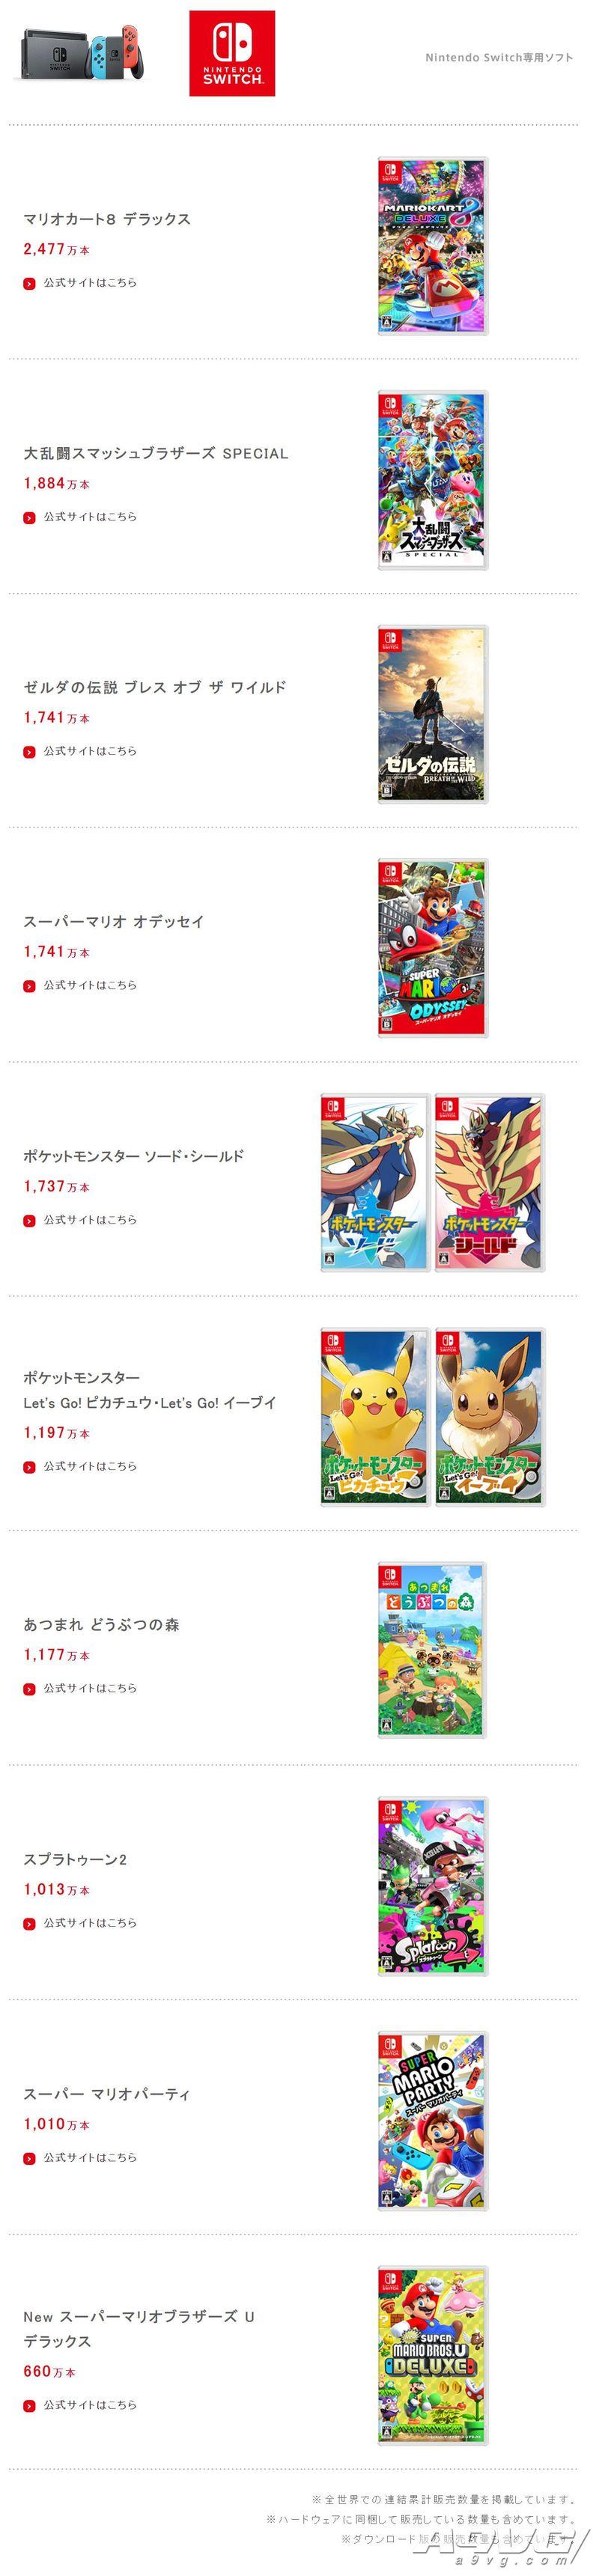 任天堂公开19-20年度财报 《集合啦!动物森友会》发售10天破千万